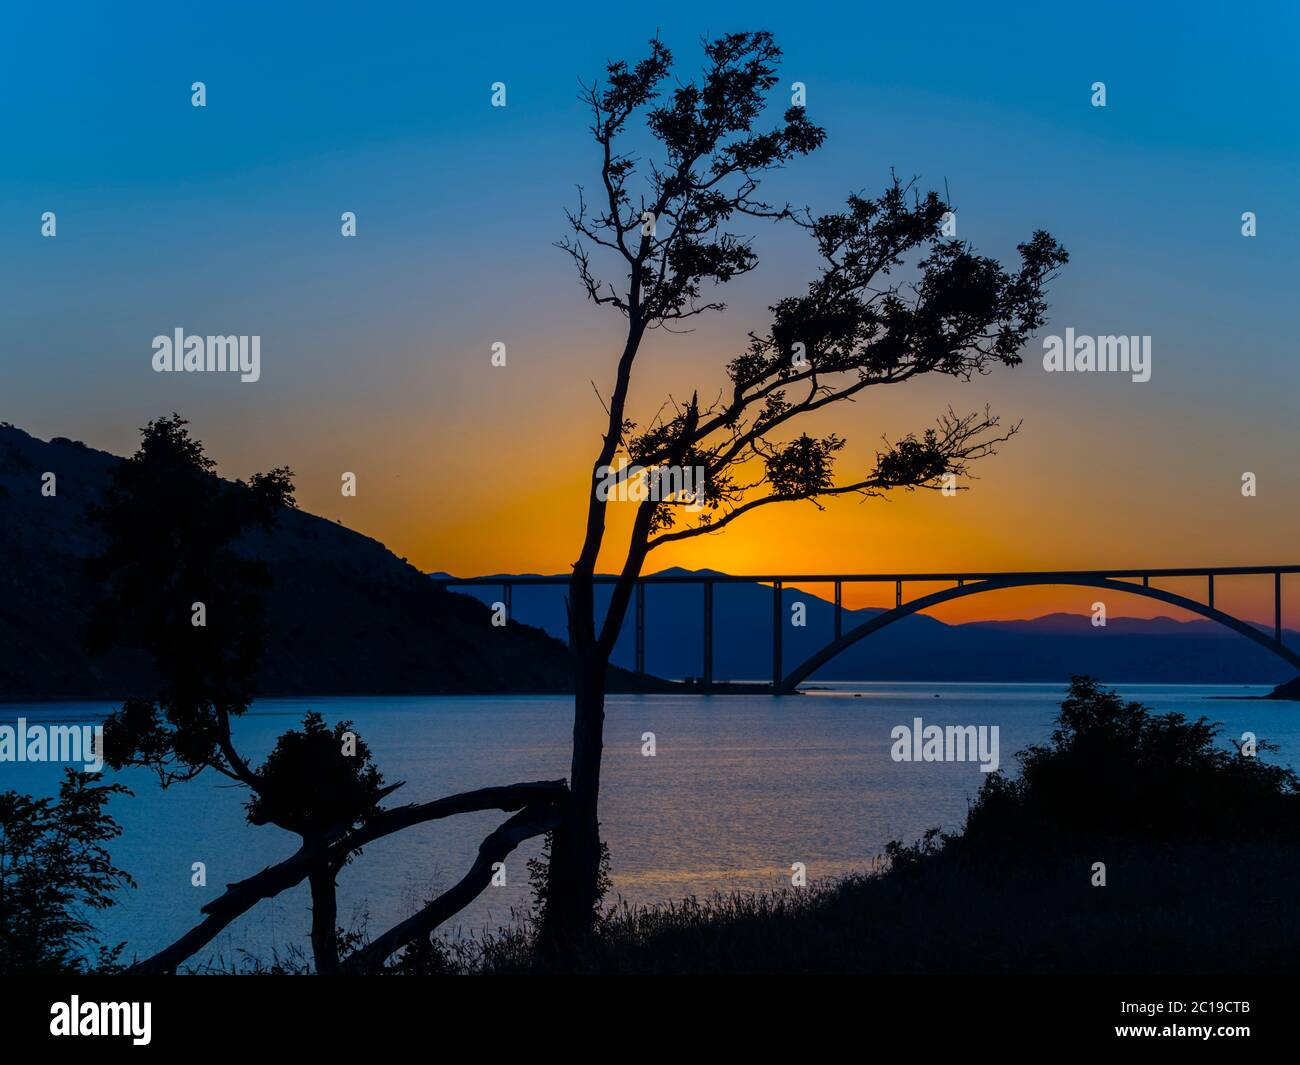 Sunset dusk landscape bridge mainland to island Krk Croatia Stock Photo